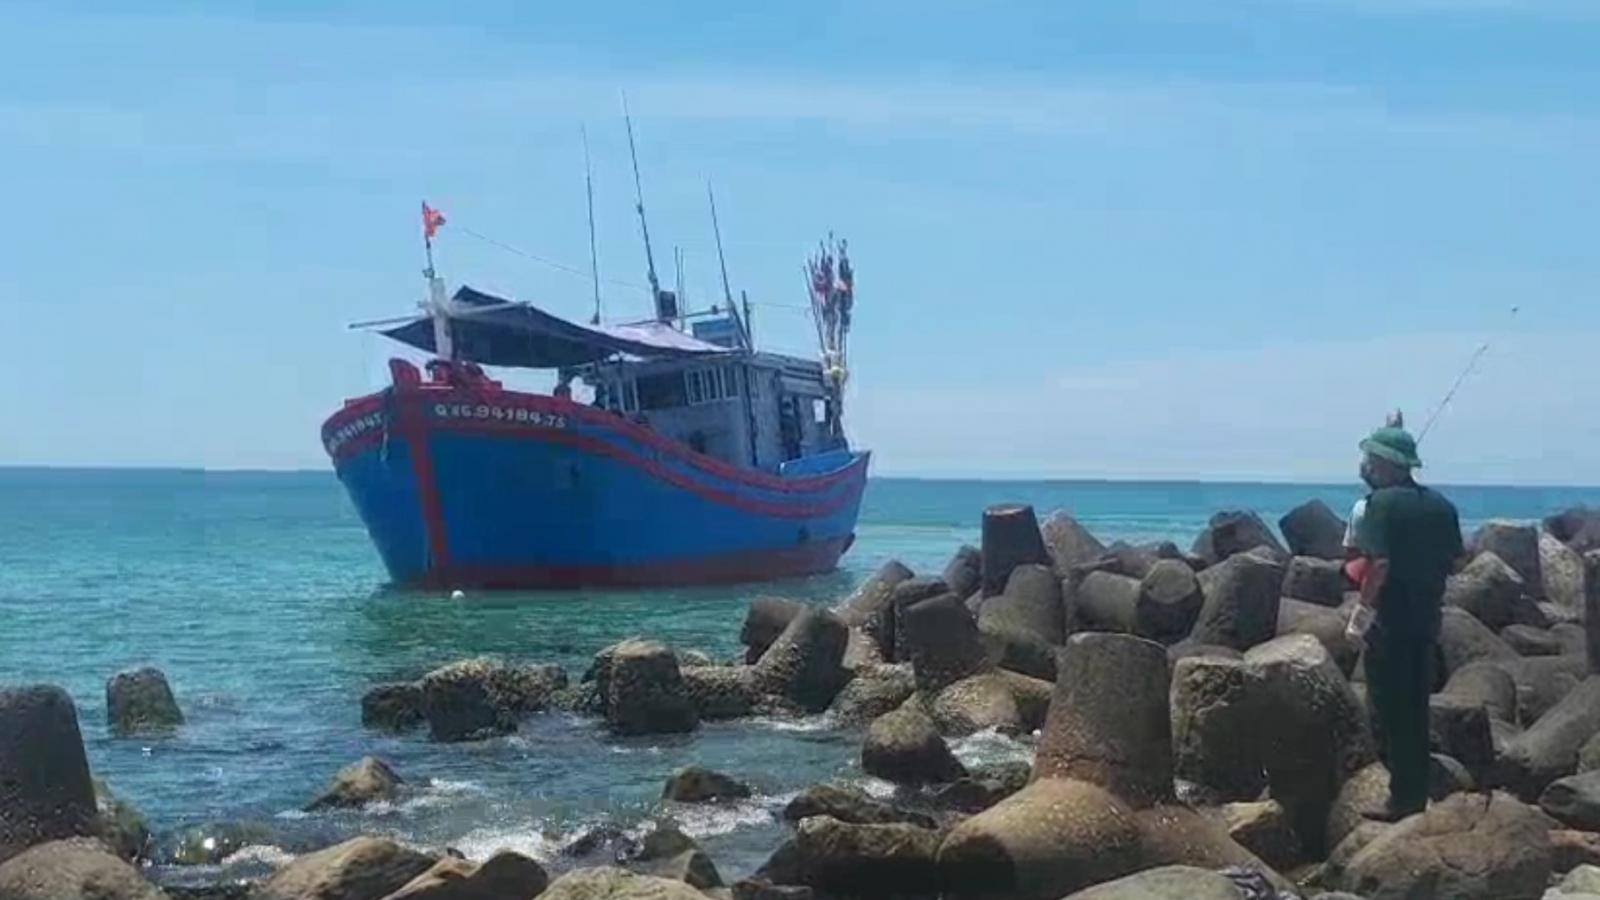 12 ngư dân từ Khánh Hòa về Quảng Ngãi dương tính với virusSARS-CoV-2